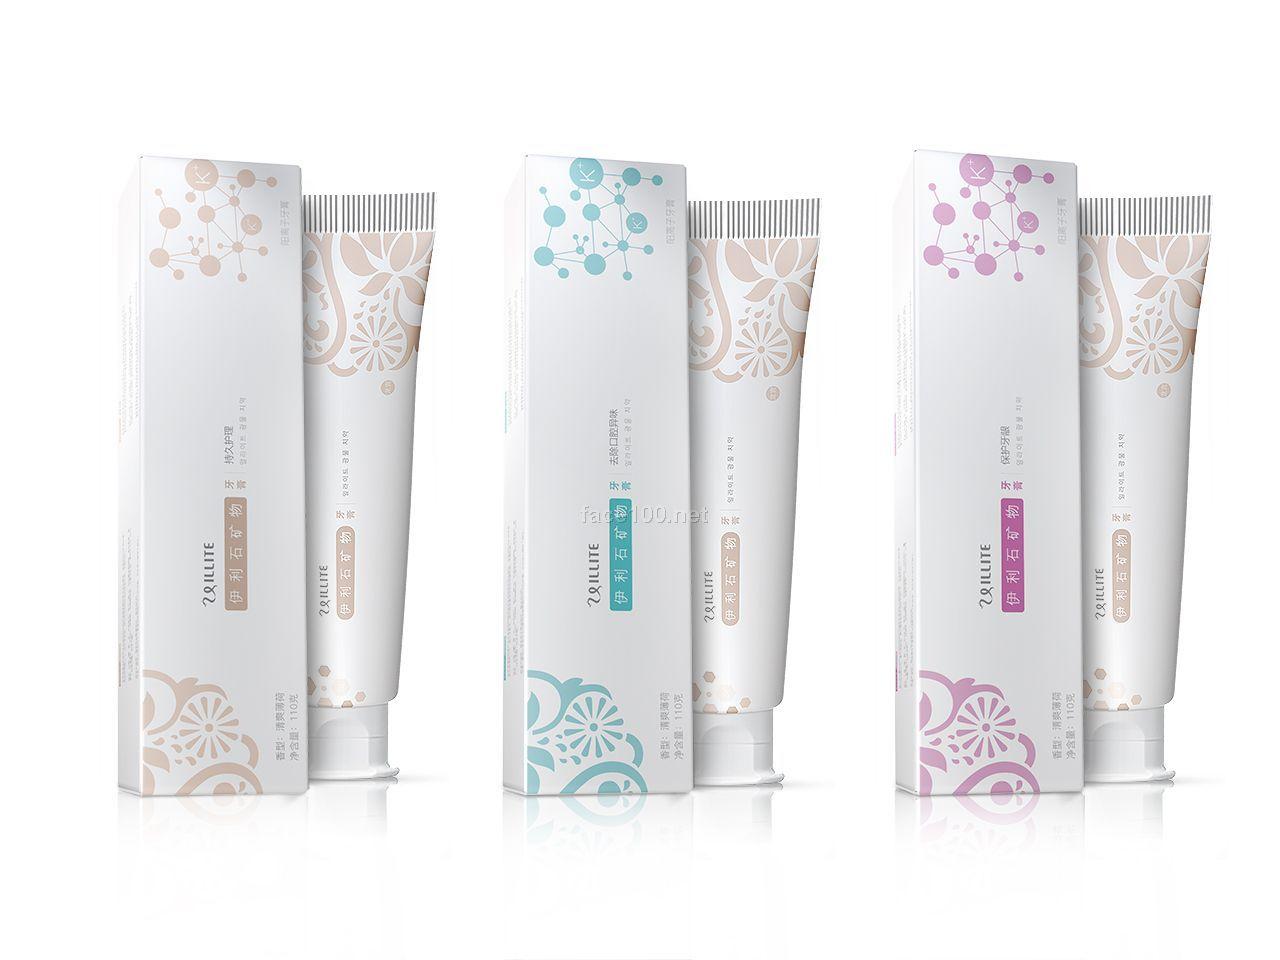 免费代理-韩国20年品牌伊利石矿物牙膏招商代理产品